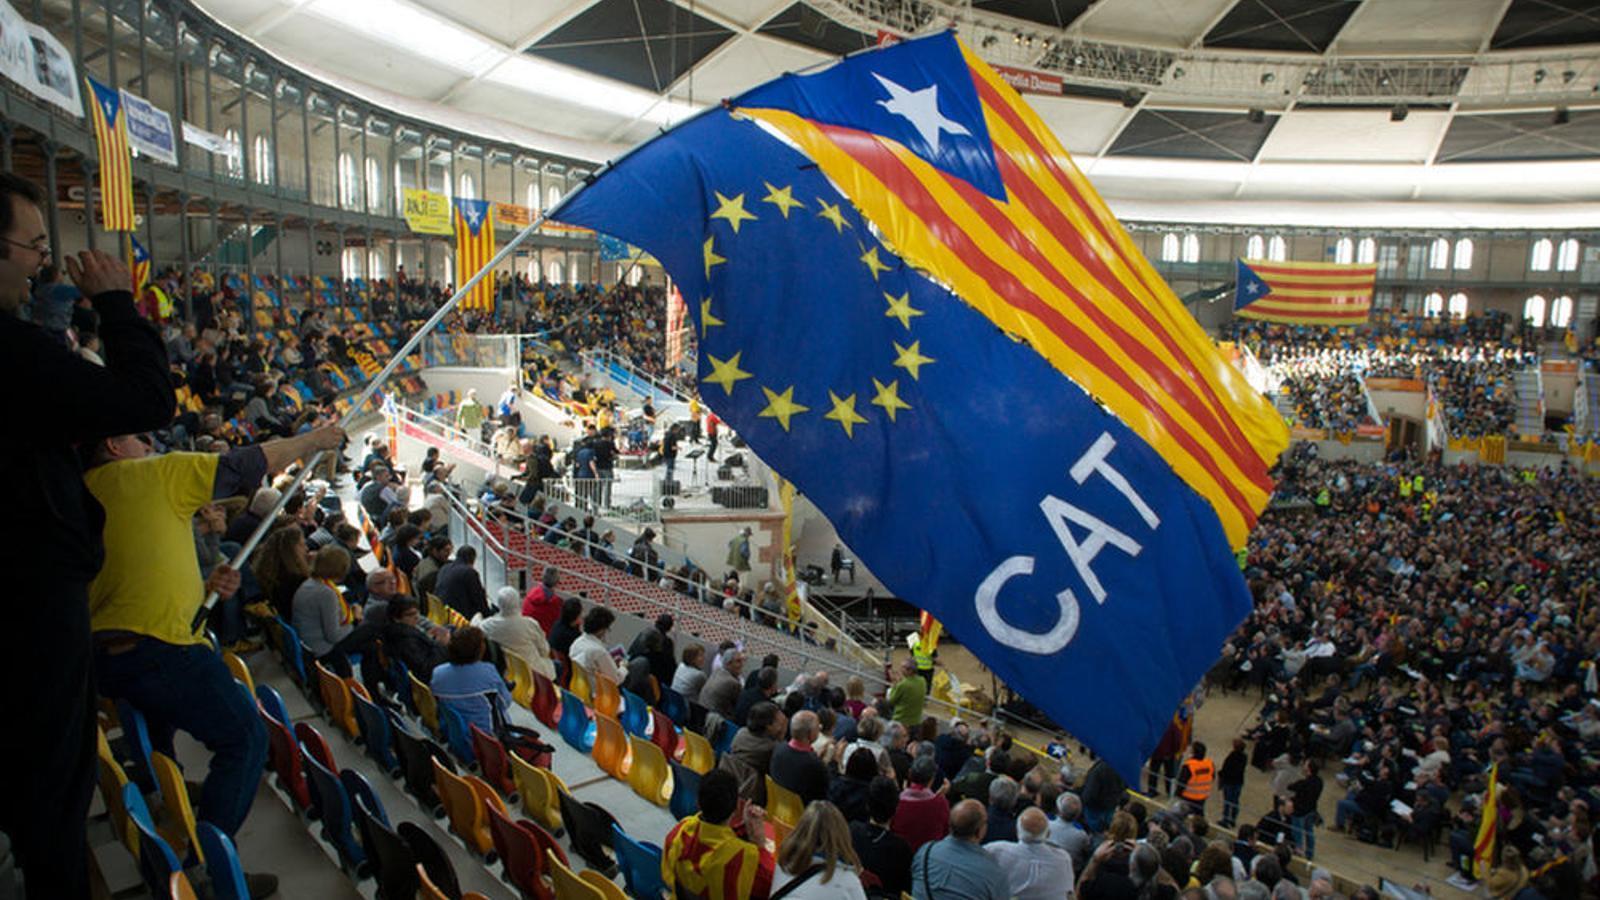 El secretari de l'Ajuntament de Barcelona avala la cessió d'espais si no són per a actes explícitament sobre l'1-O